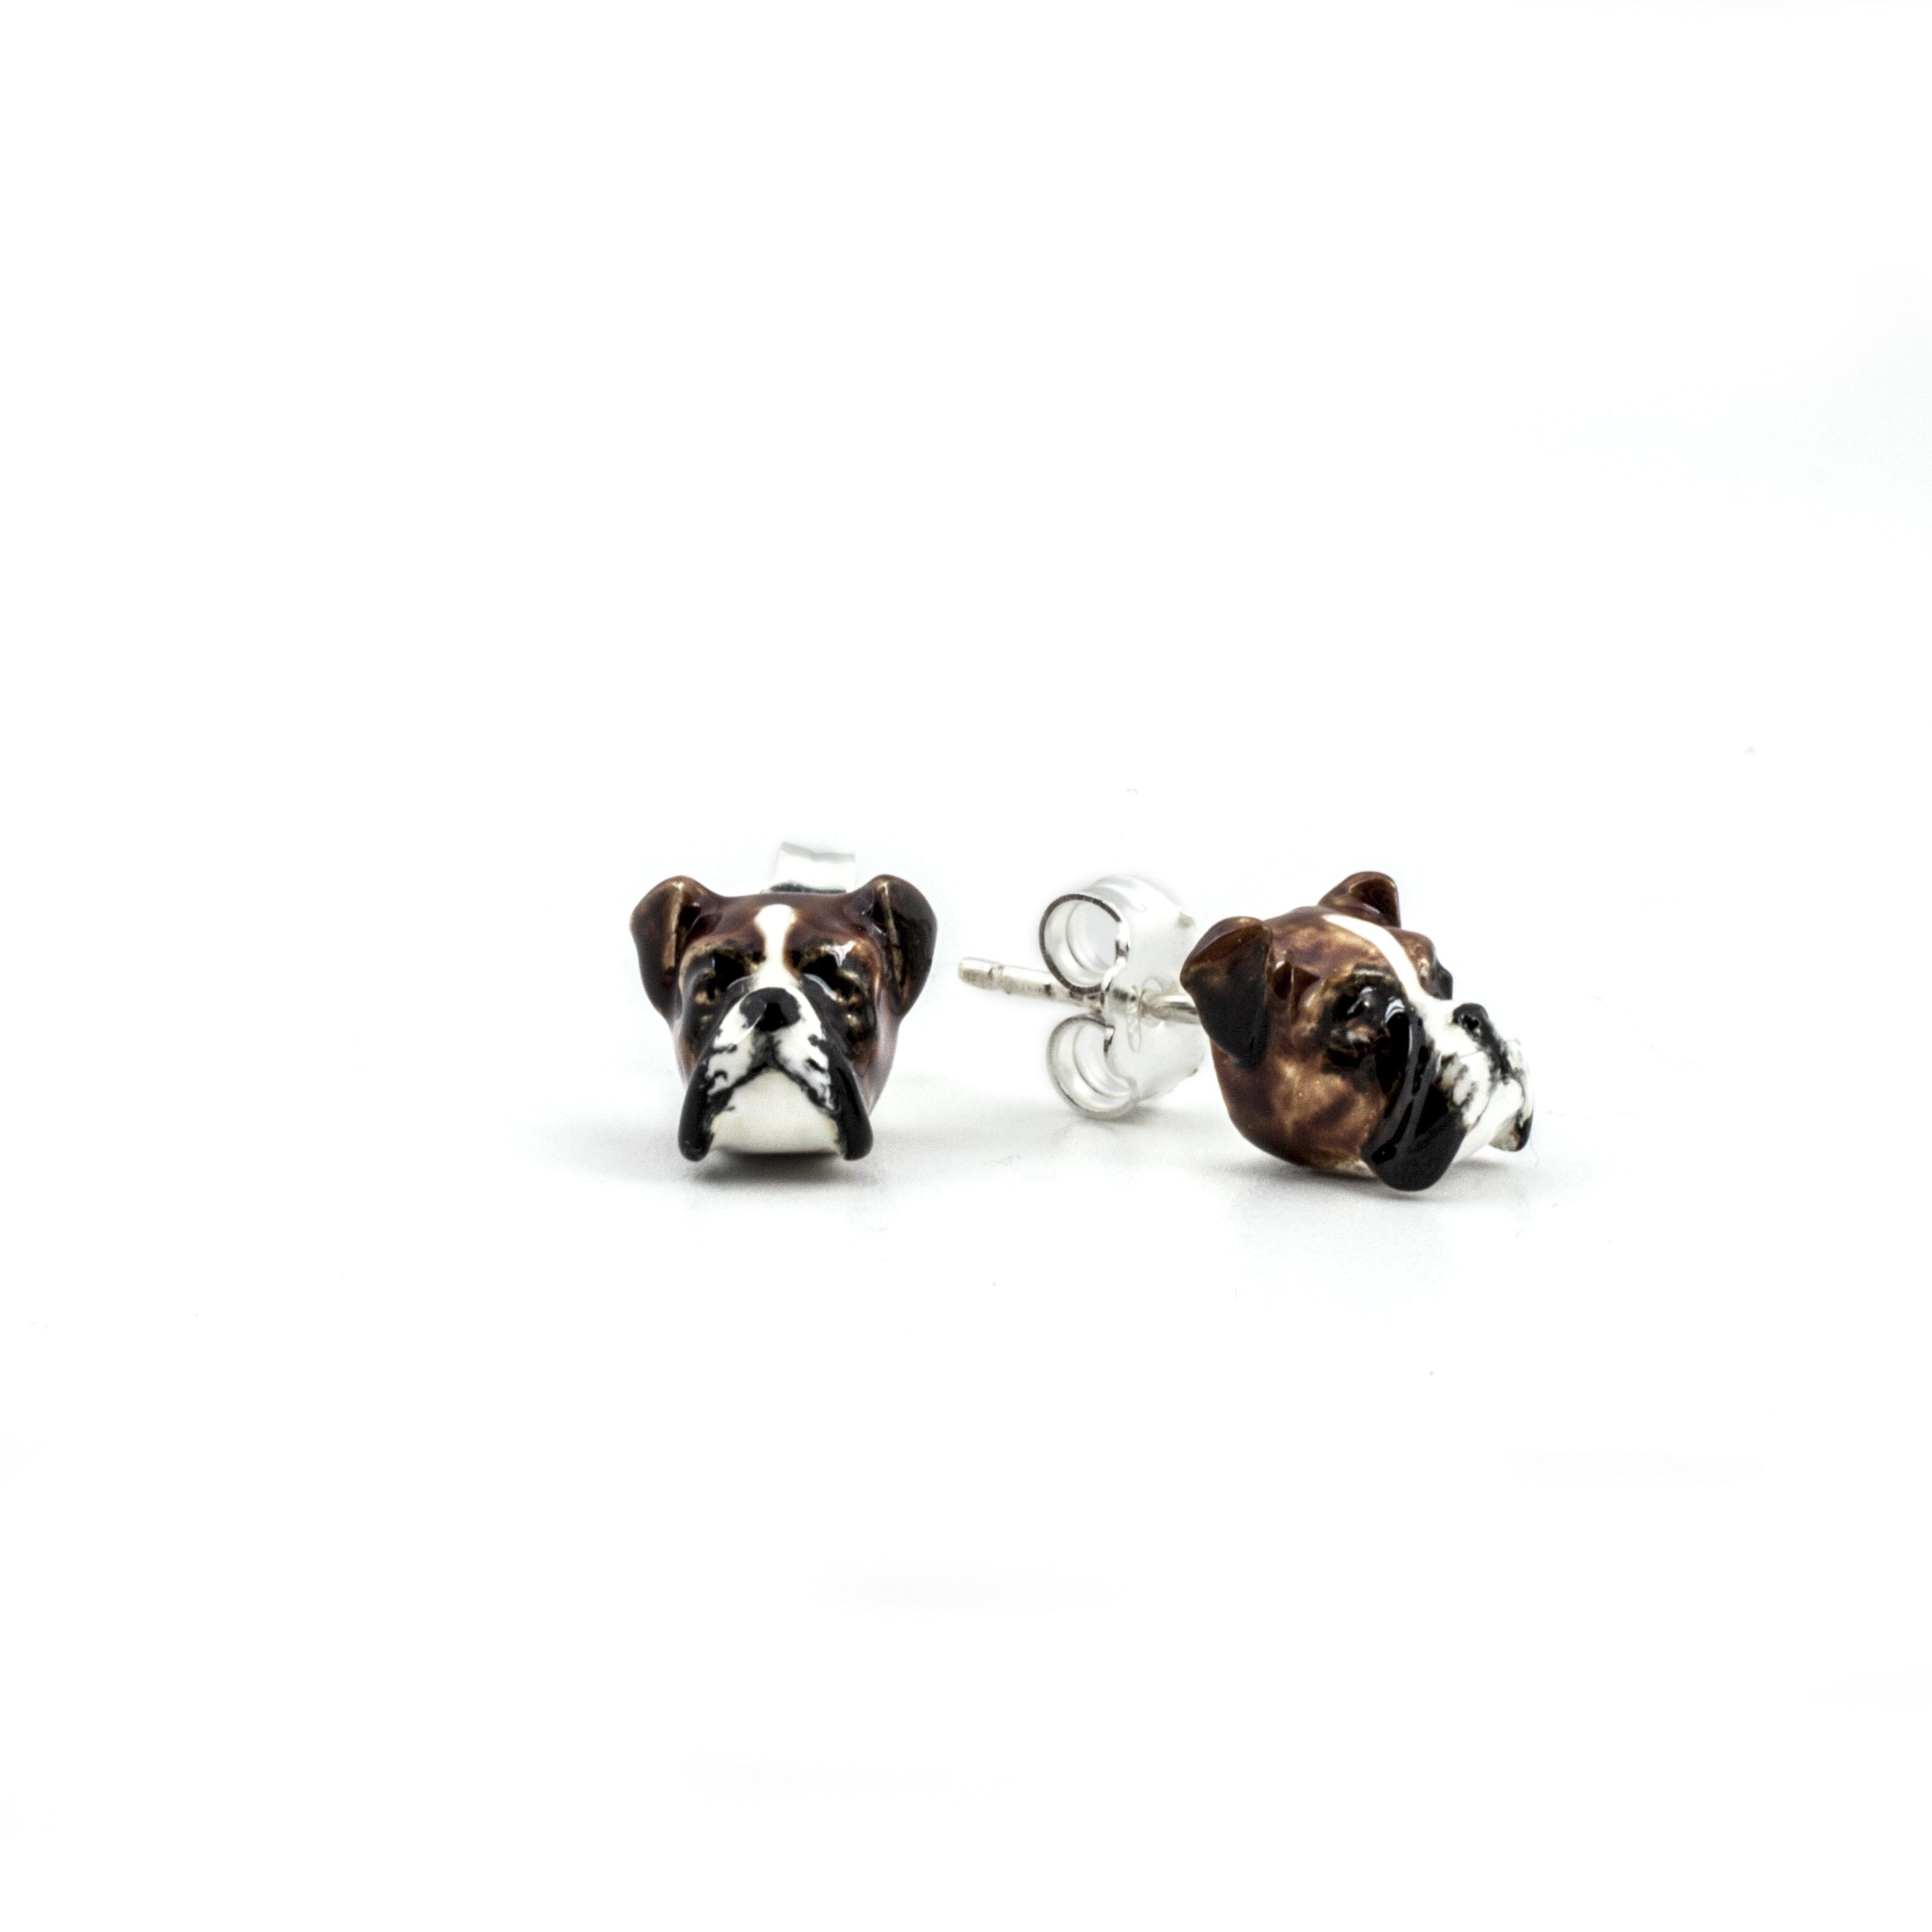 Boxer_earrings_enameled_HIGH